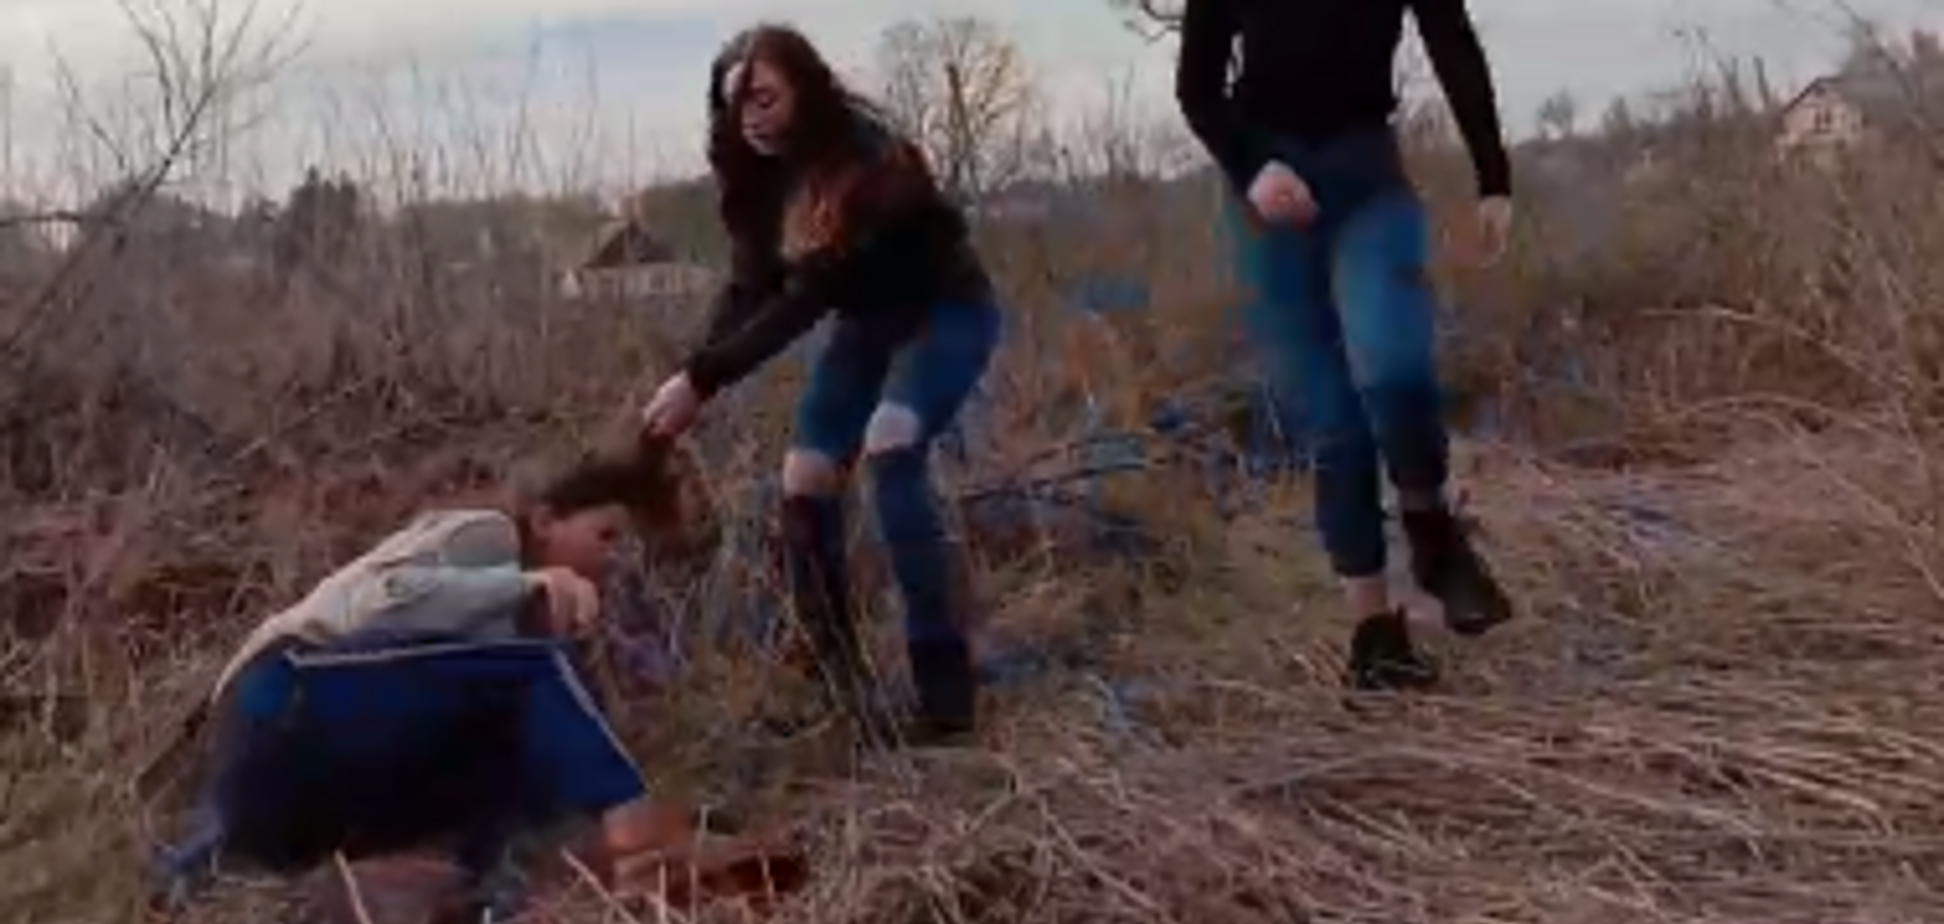 'Коленом!' Появилось видео жестокого избиения девушками школьницы